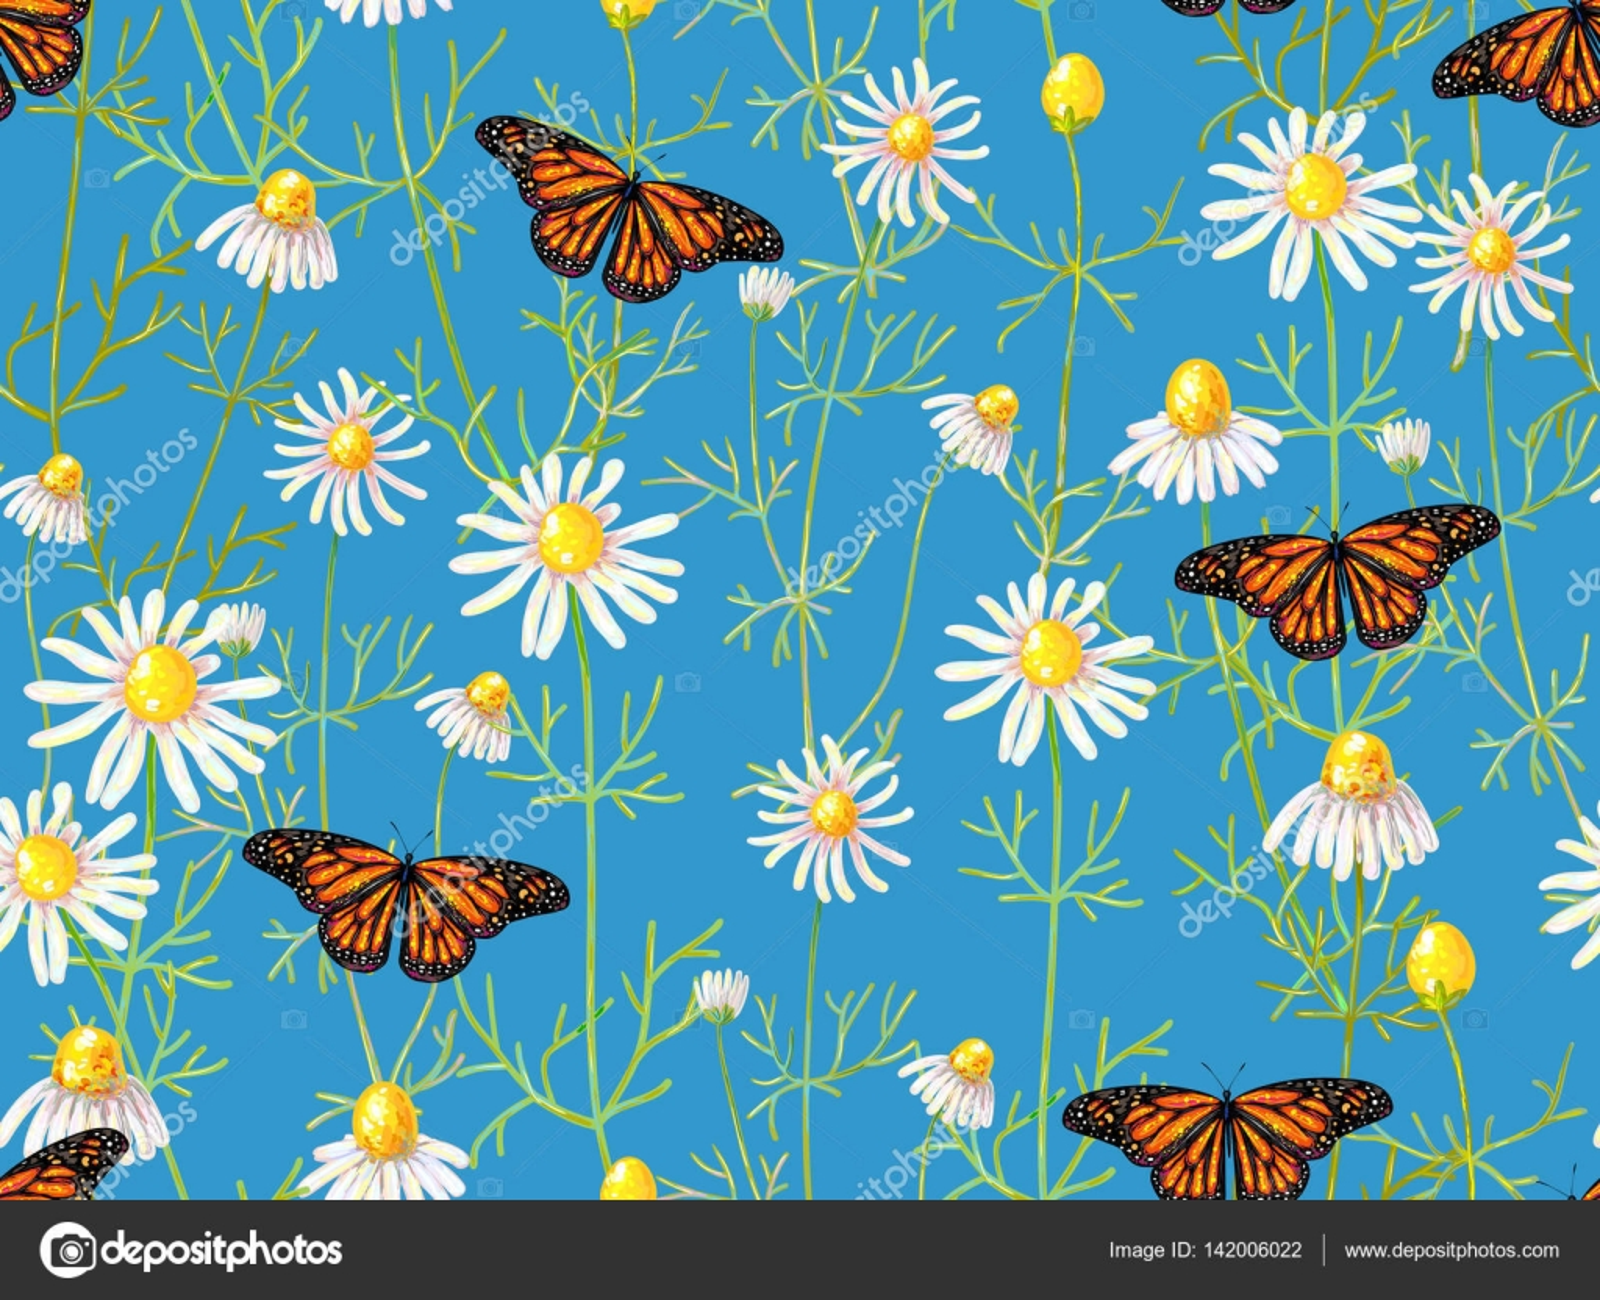 Fondos De Pantalla Con Mariposas